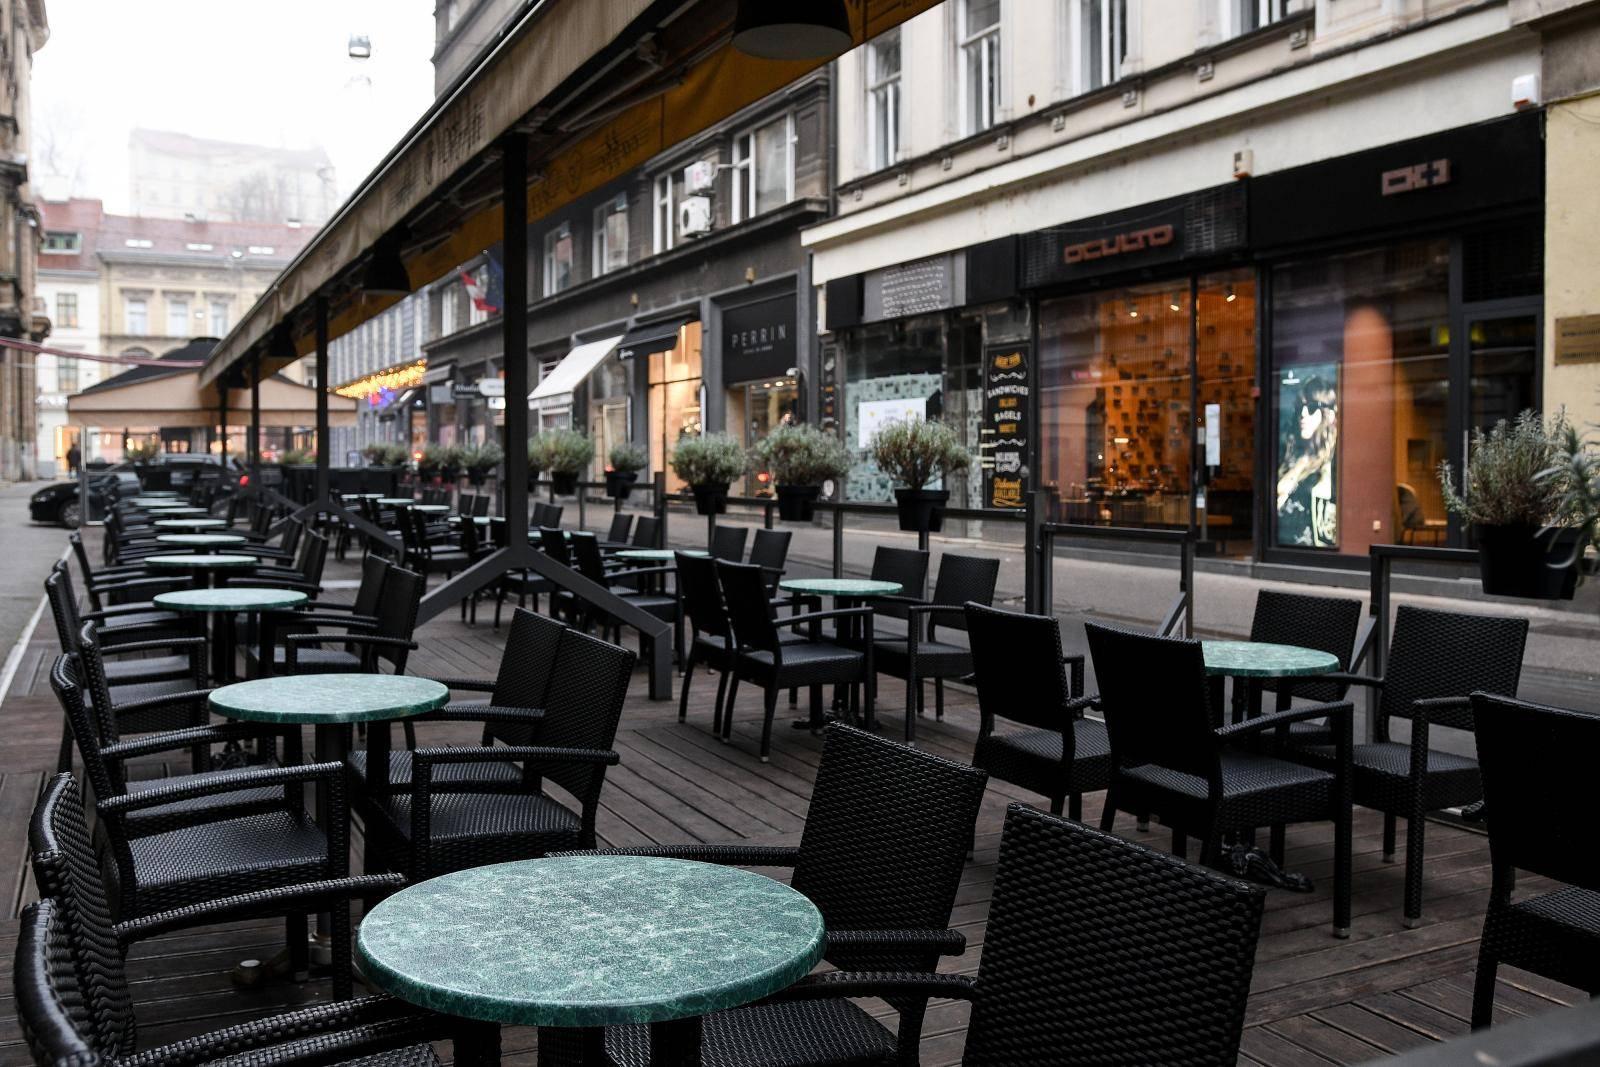 Zagreb: Puste terase zatvorenih ugostiteljsih objekata u centru grada